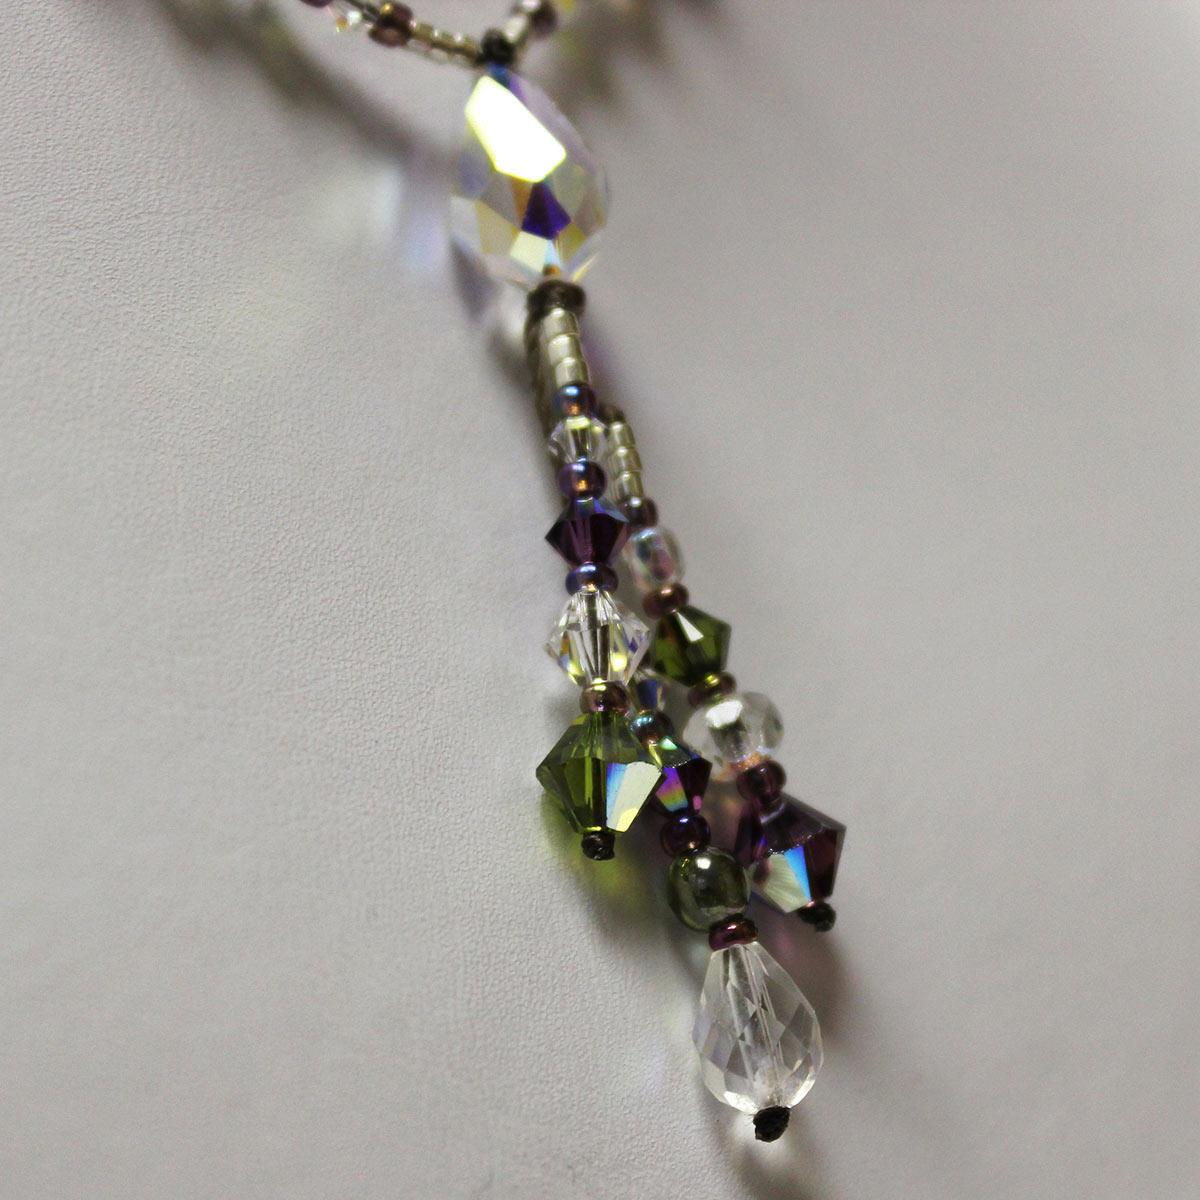 Swarvoski teardrop necklace, clear crystals, drop necklace, amethyst crystals